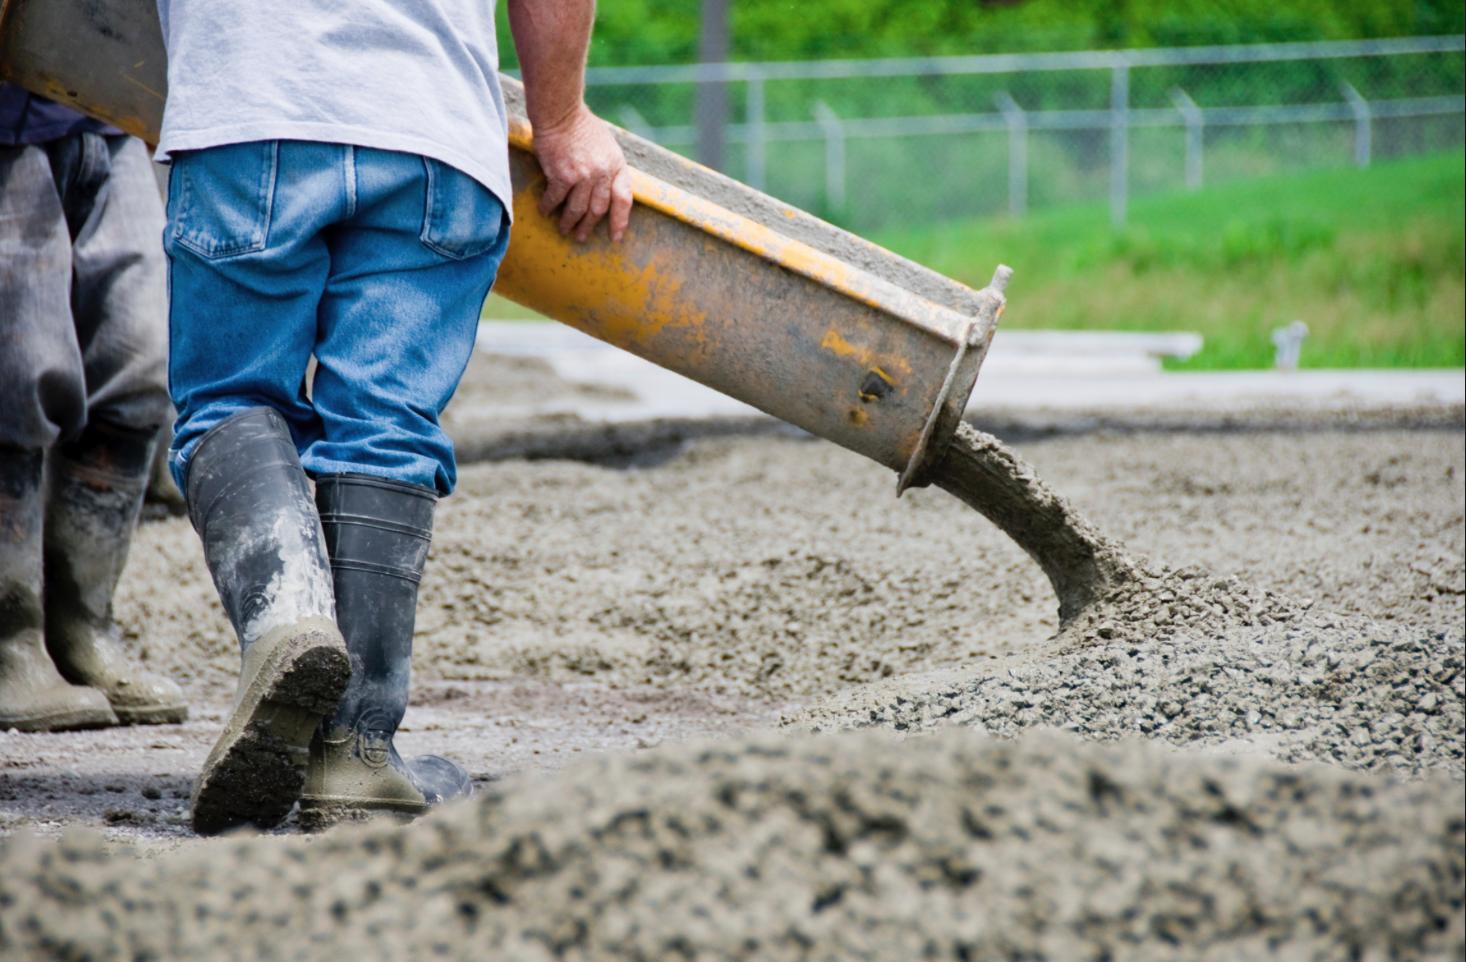 PSEG Keys Energy Construction Alert: Concrete Pour On 9/24/16